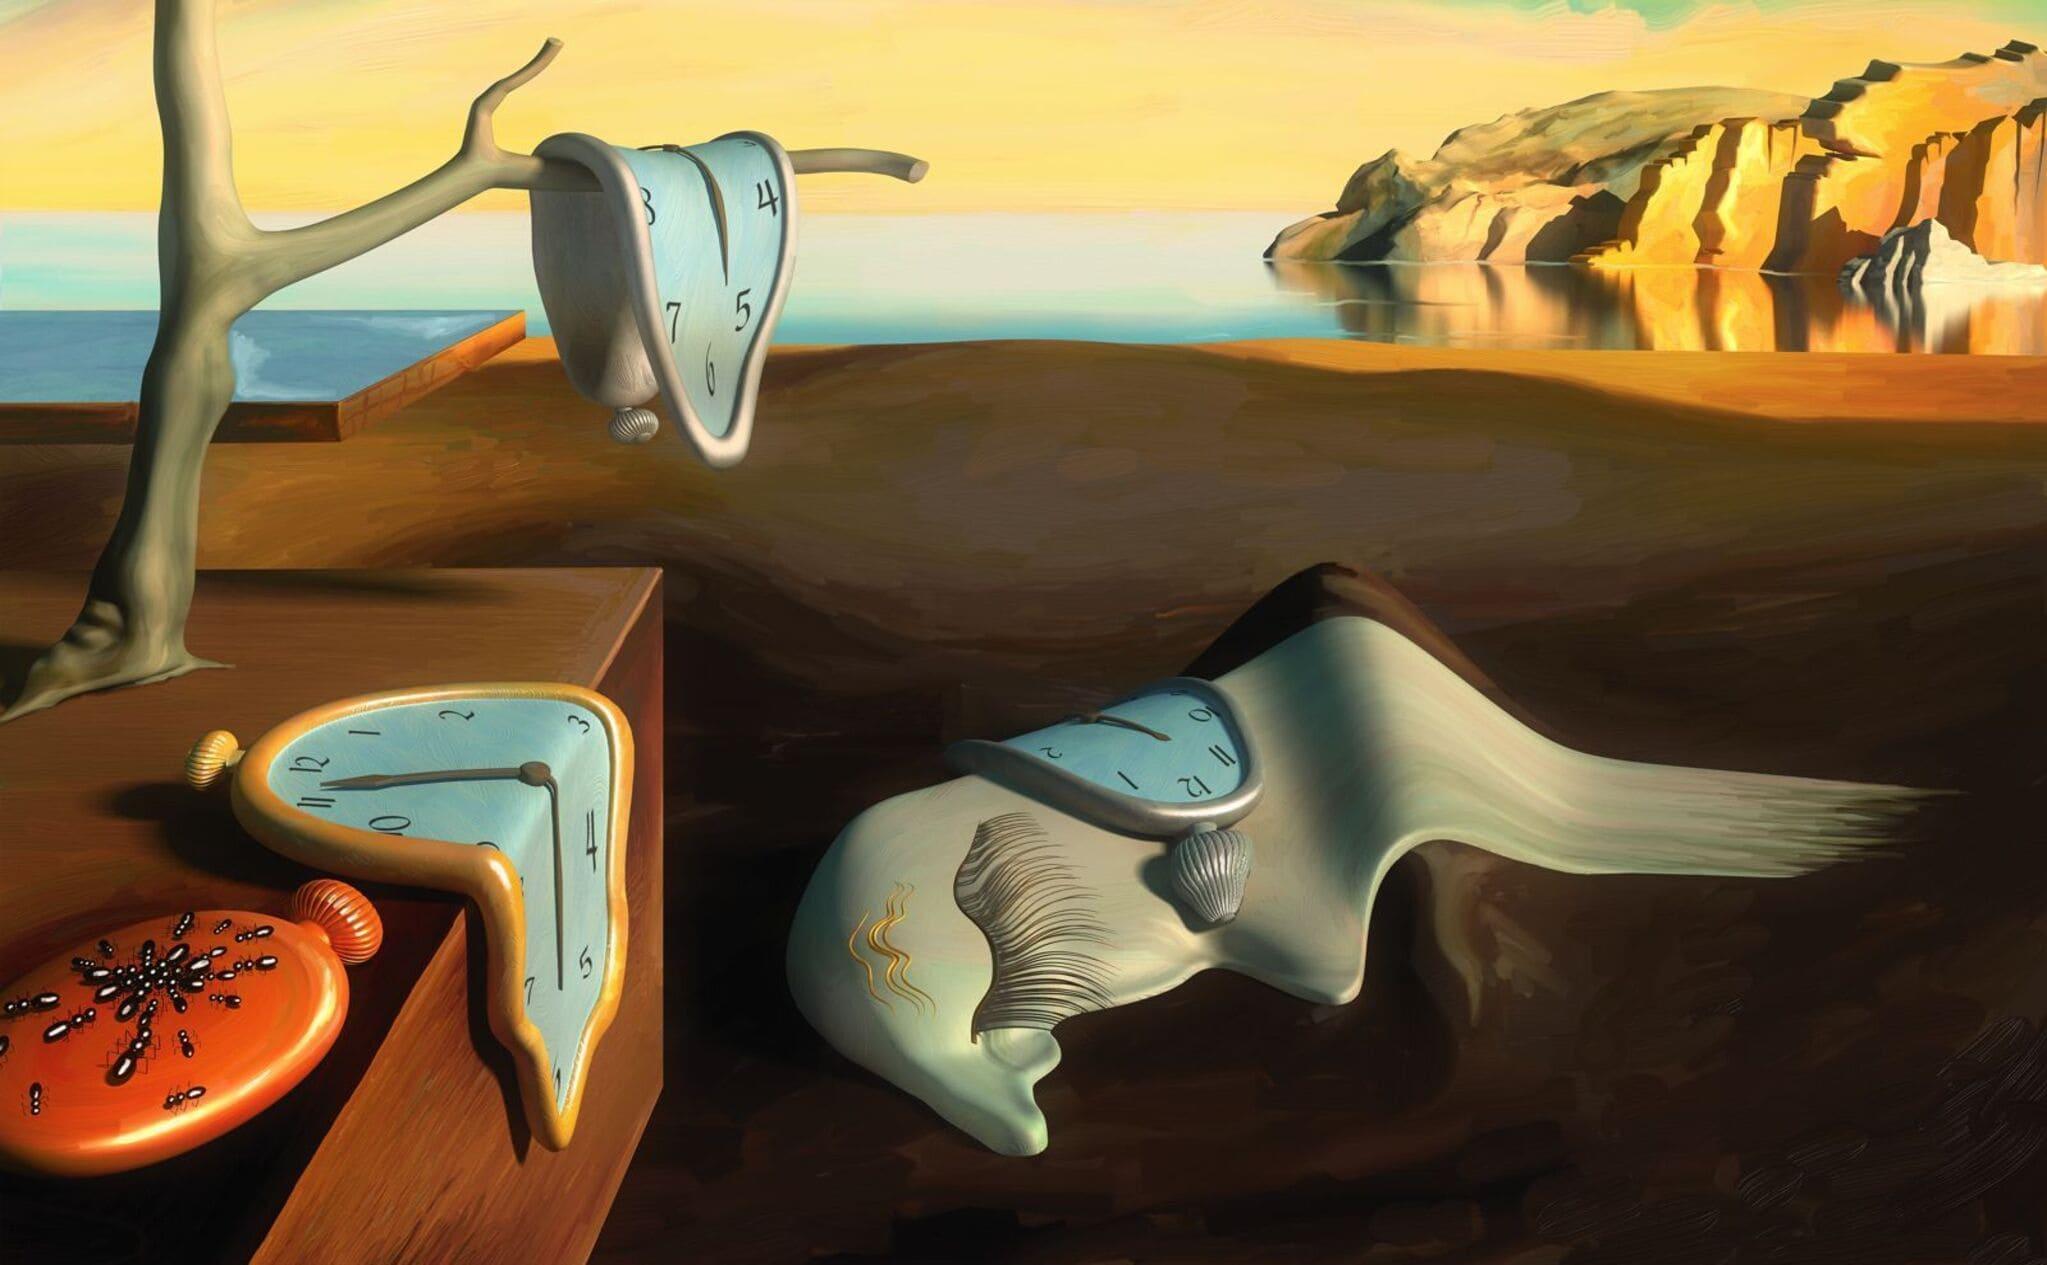 Dalí estaba muy influenciado por los descubrimientos de Einstein cuando pintó sus relojes